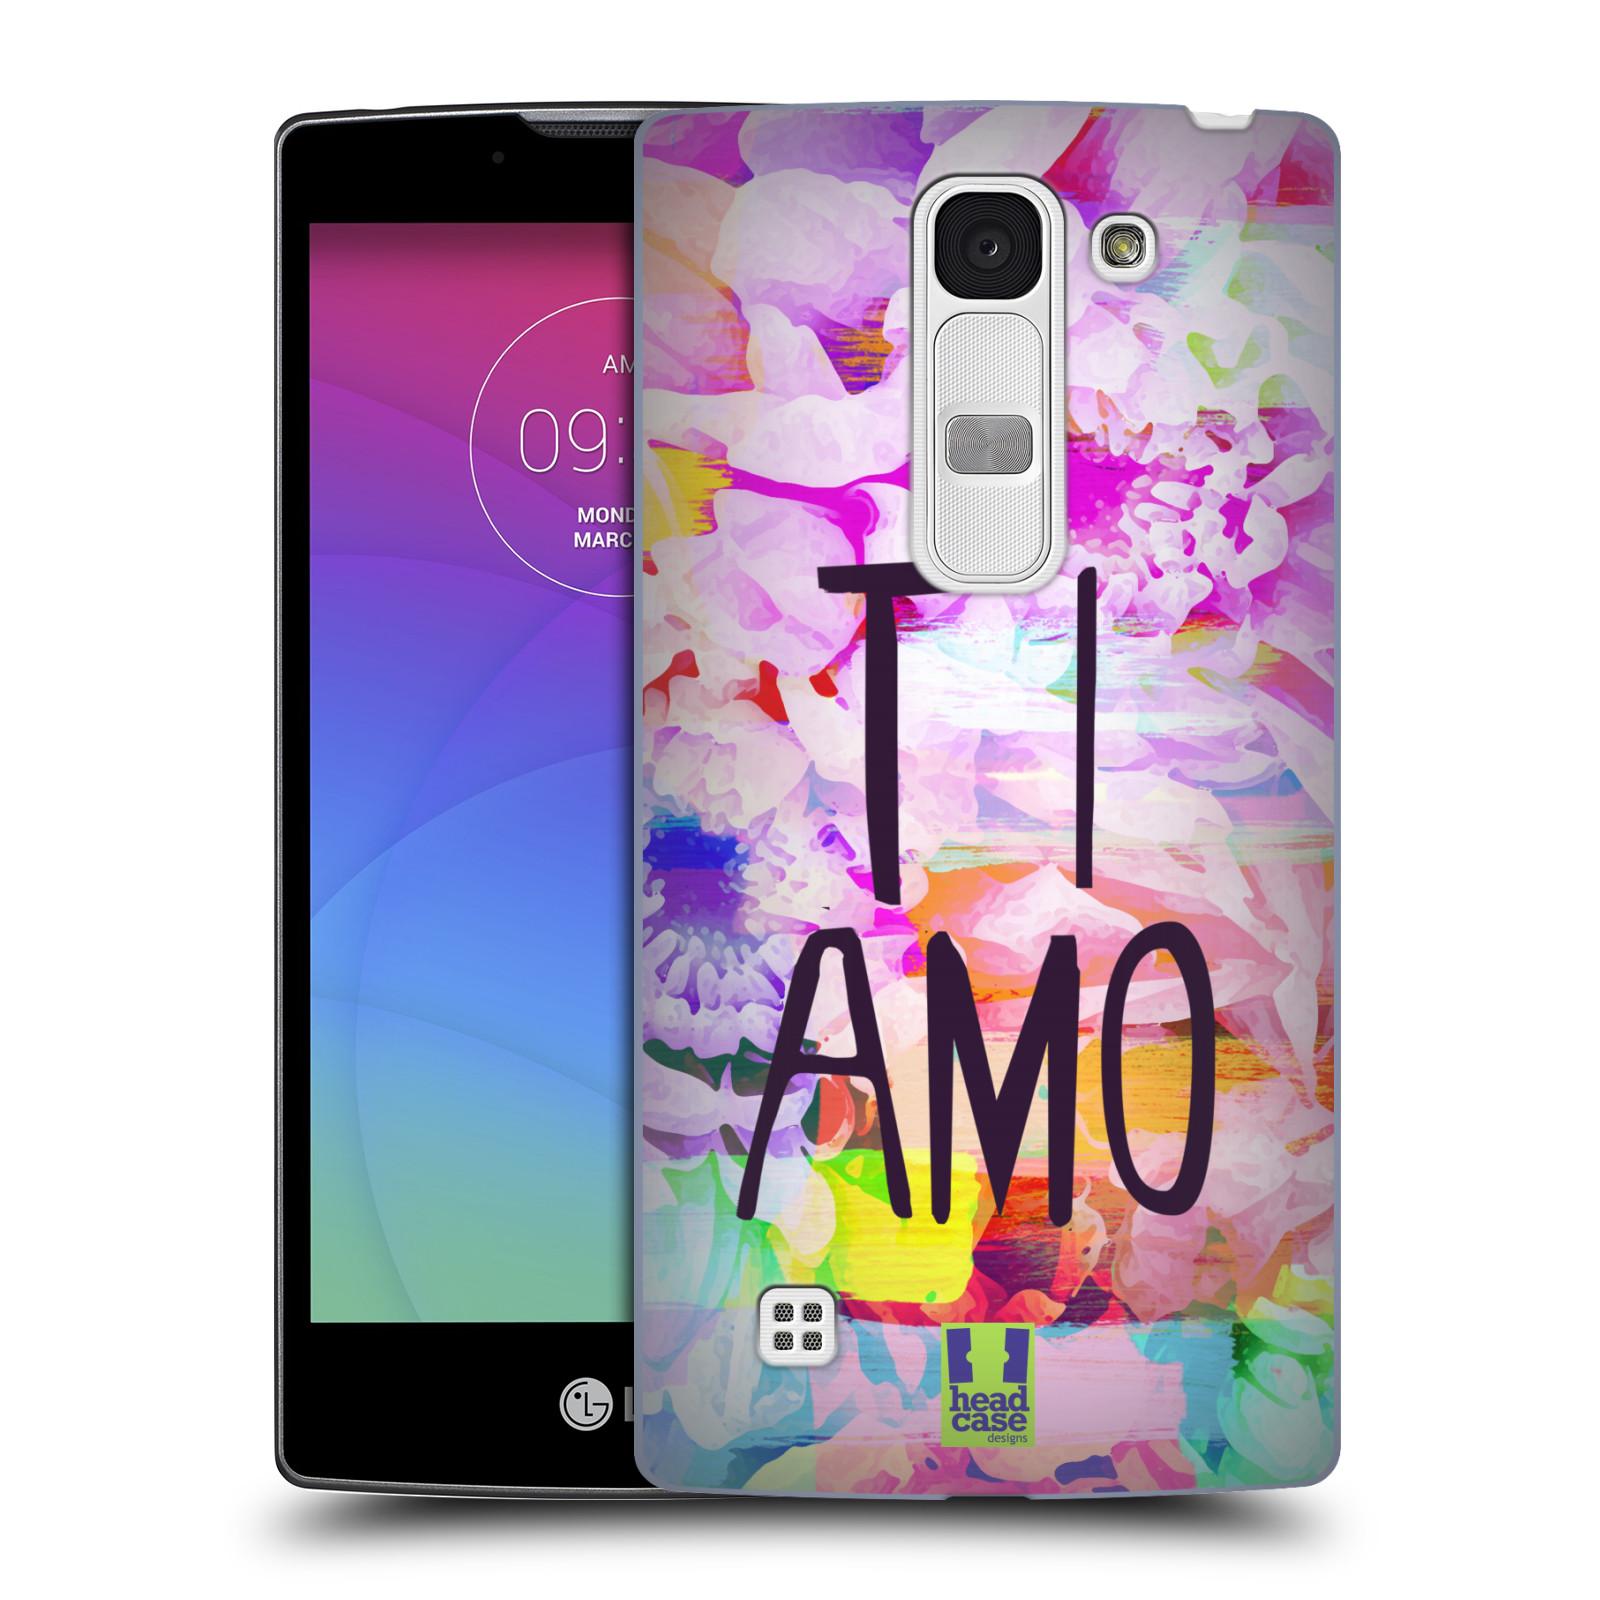 Plastové pouzdro na mobil LG Spirit LTE HEAD CASE Květy Ti Amo (Plastový kryt či obal na mobilní telefon LG Spirit H420 a LG Spirit LTE H440N)